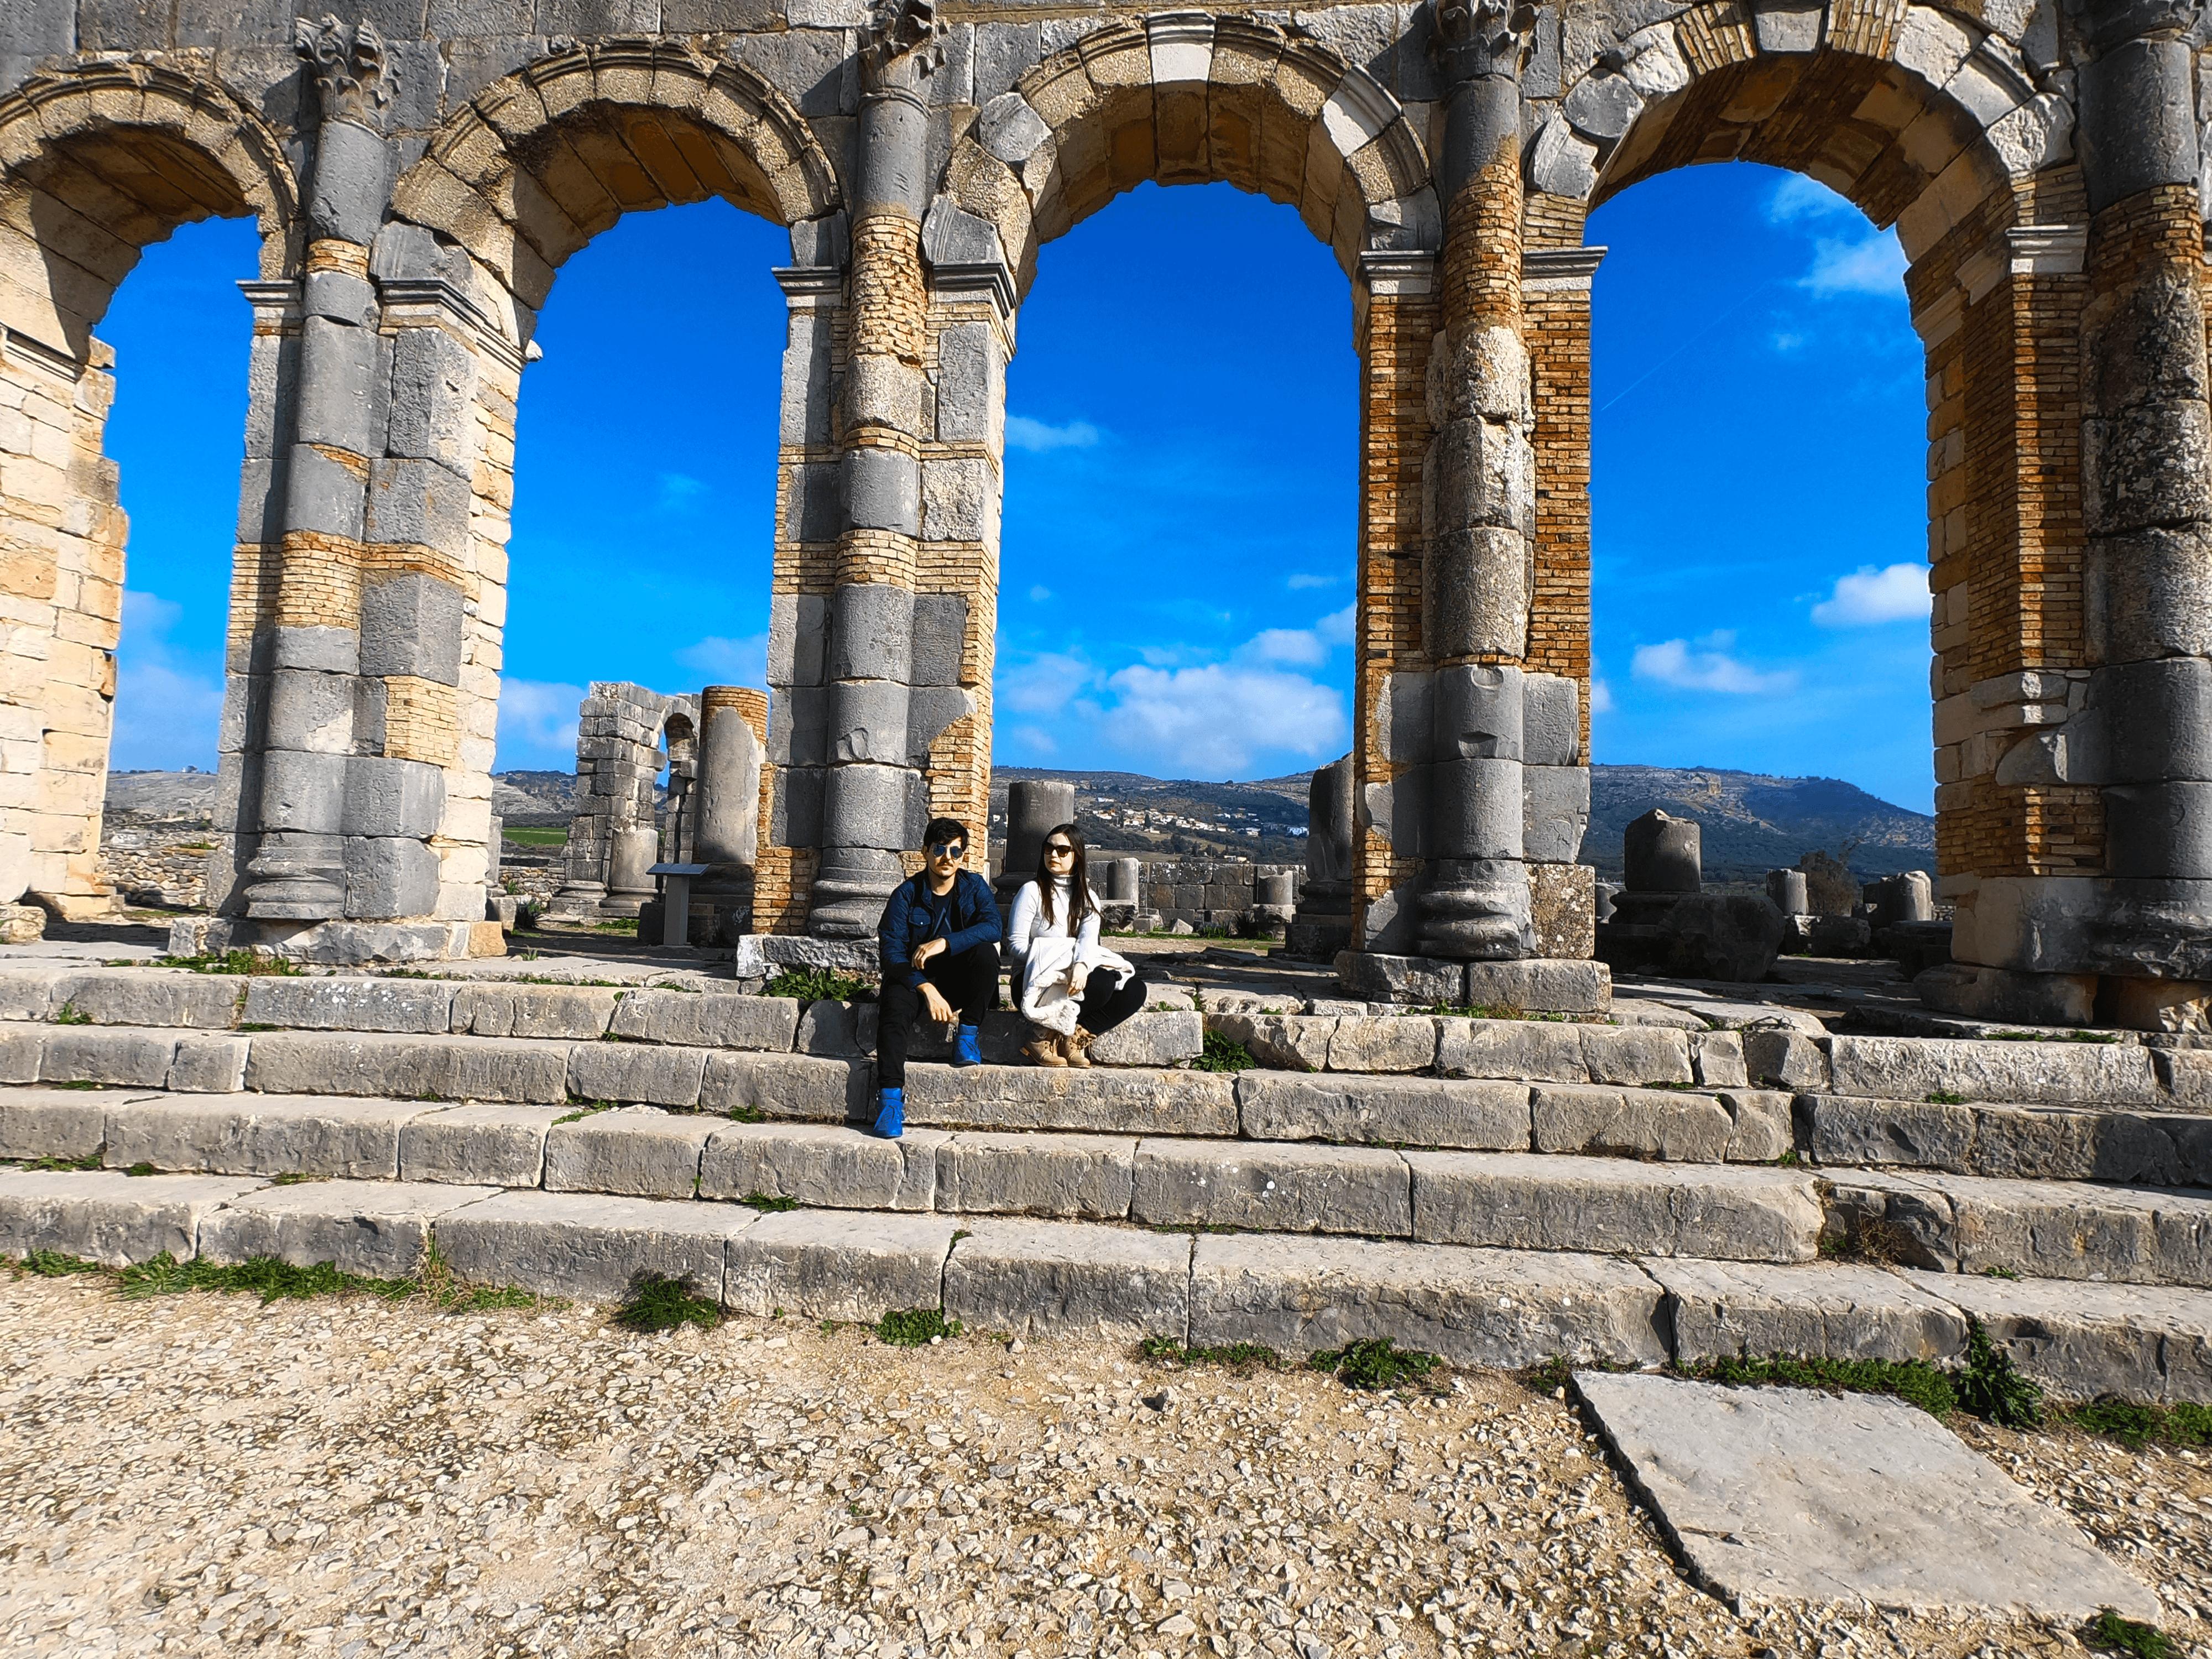 nao-e-caro-viajar-cidade-antiga-romana-marrocos